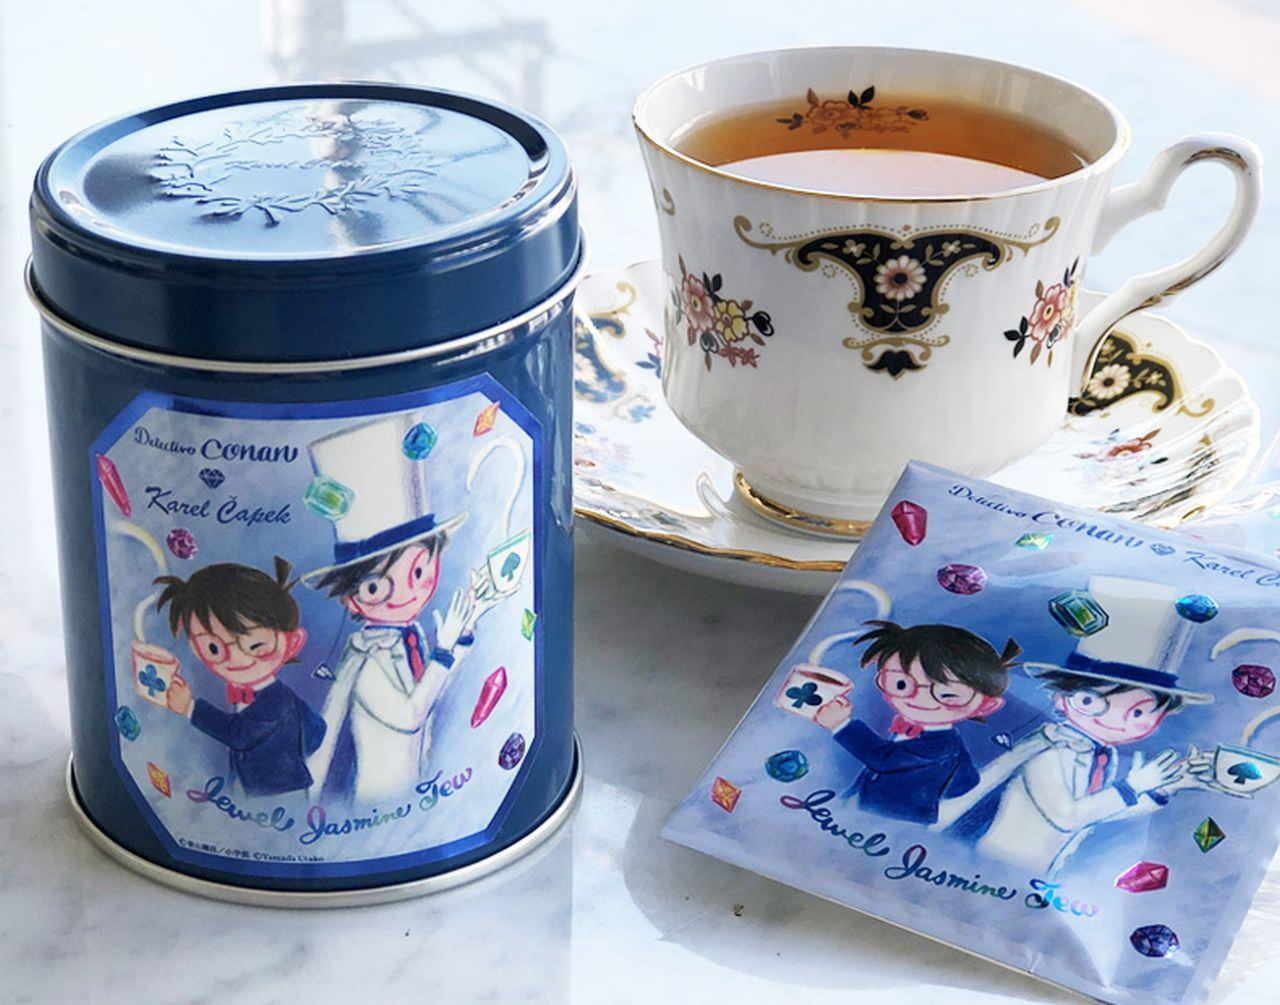 Karel Capek Tea ชาดอกมะลิ กับสินค้าจากอนิเมะชื่อดังยอดนักสืบจิ๋วโคนัน